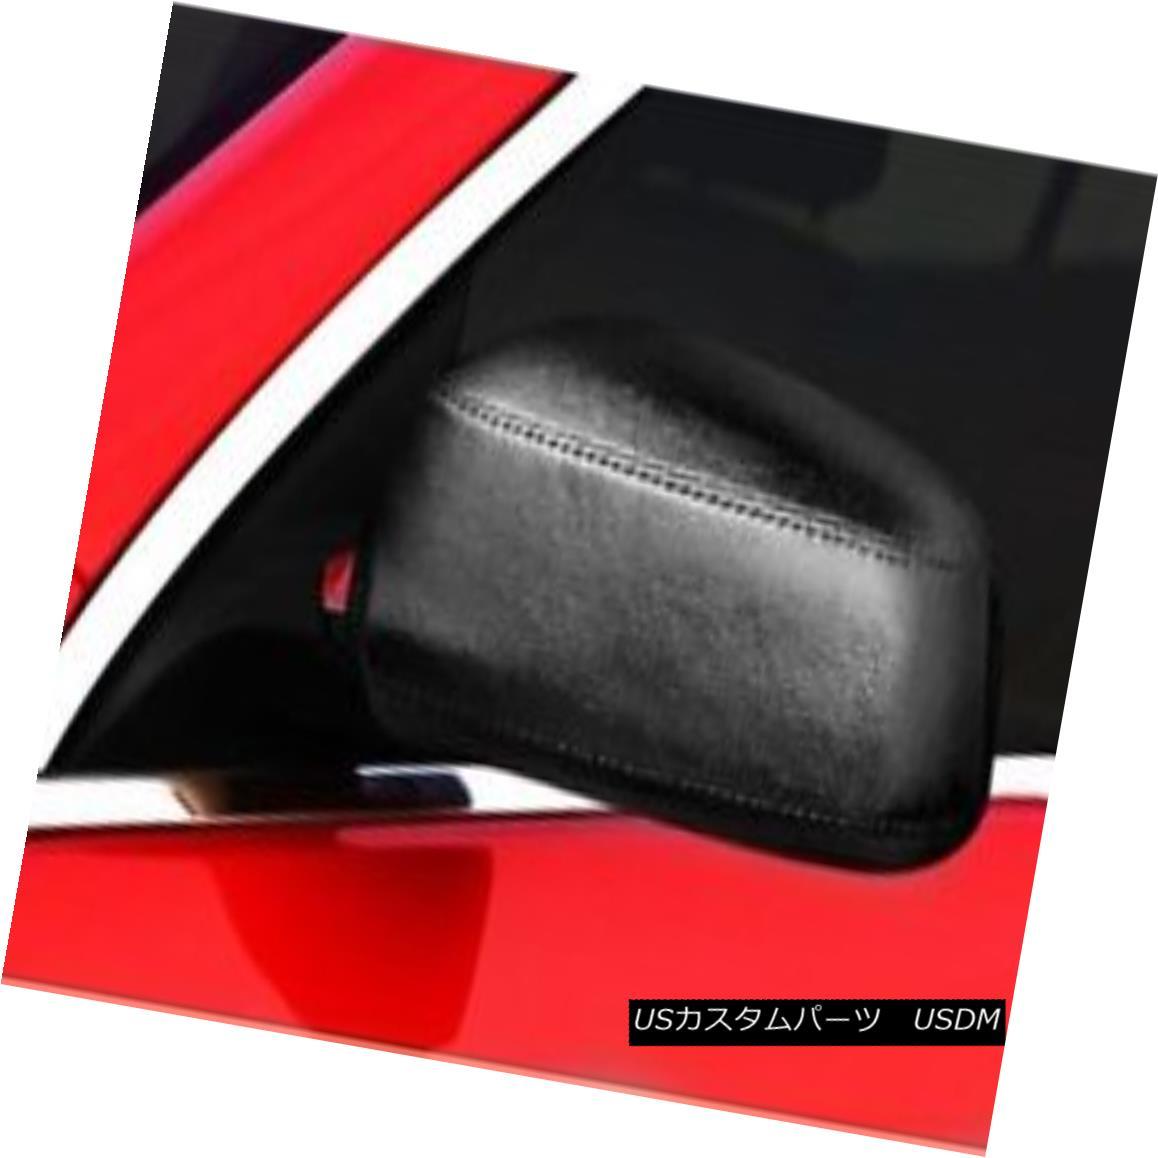 USフルブラ・USノーズブラ Colgan Car Mirror Covers Bra Protector Black Fits 2003-2007 Infiniti G35 Coupe Colganの車のミラーは、ブラジャープロテクターブラックは2003-2007年インフィニティG35クーペをカバー